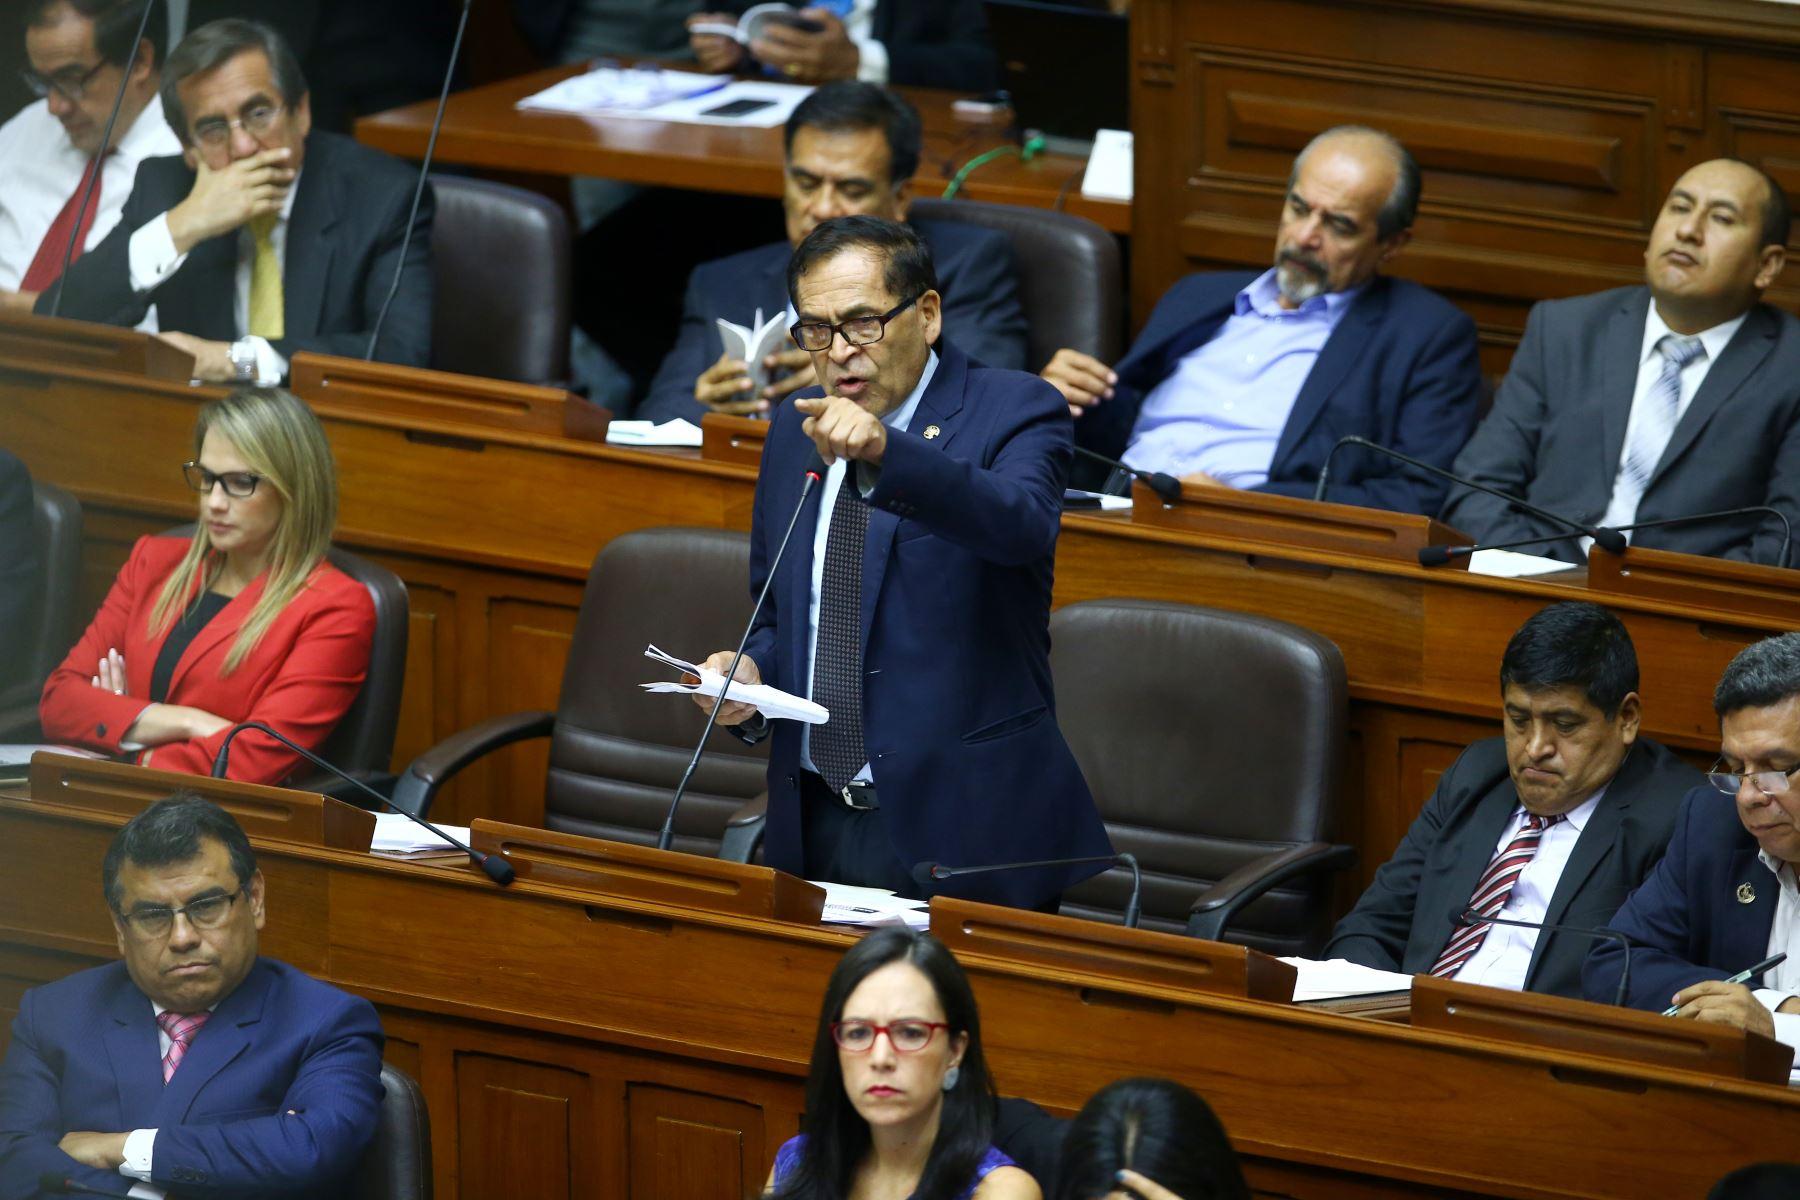 Alberto Quintanilla durante su participación en el debate a la aceptación de la carta de renuncia del Presidente Kuczynski. Foto: ANDINA/Melina Mejía